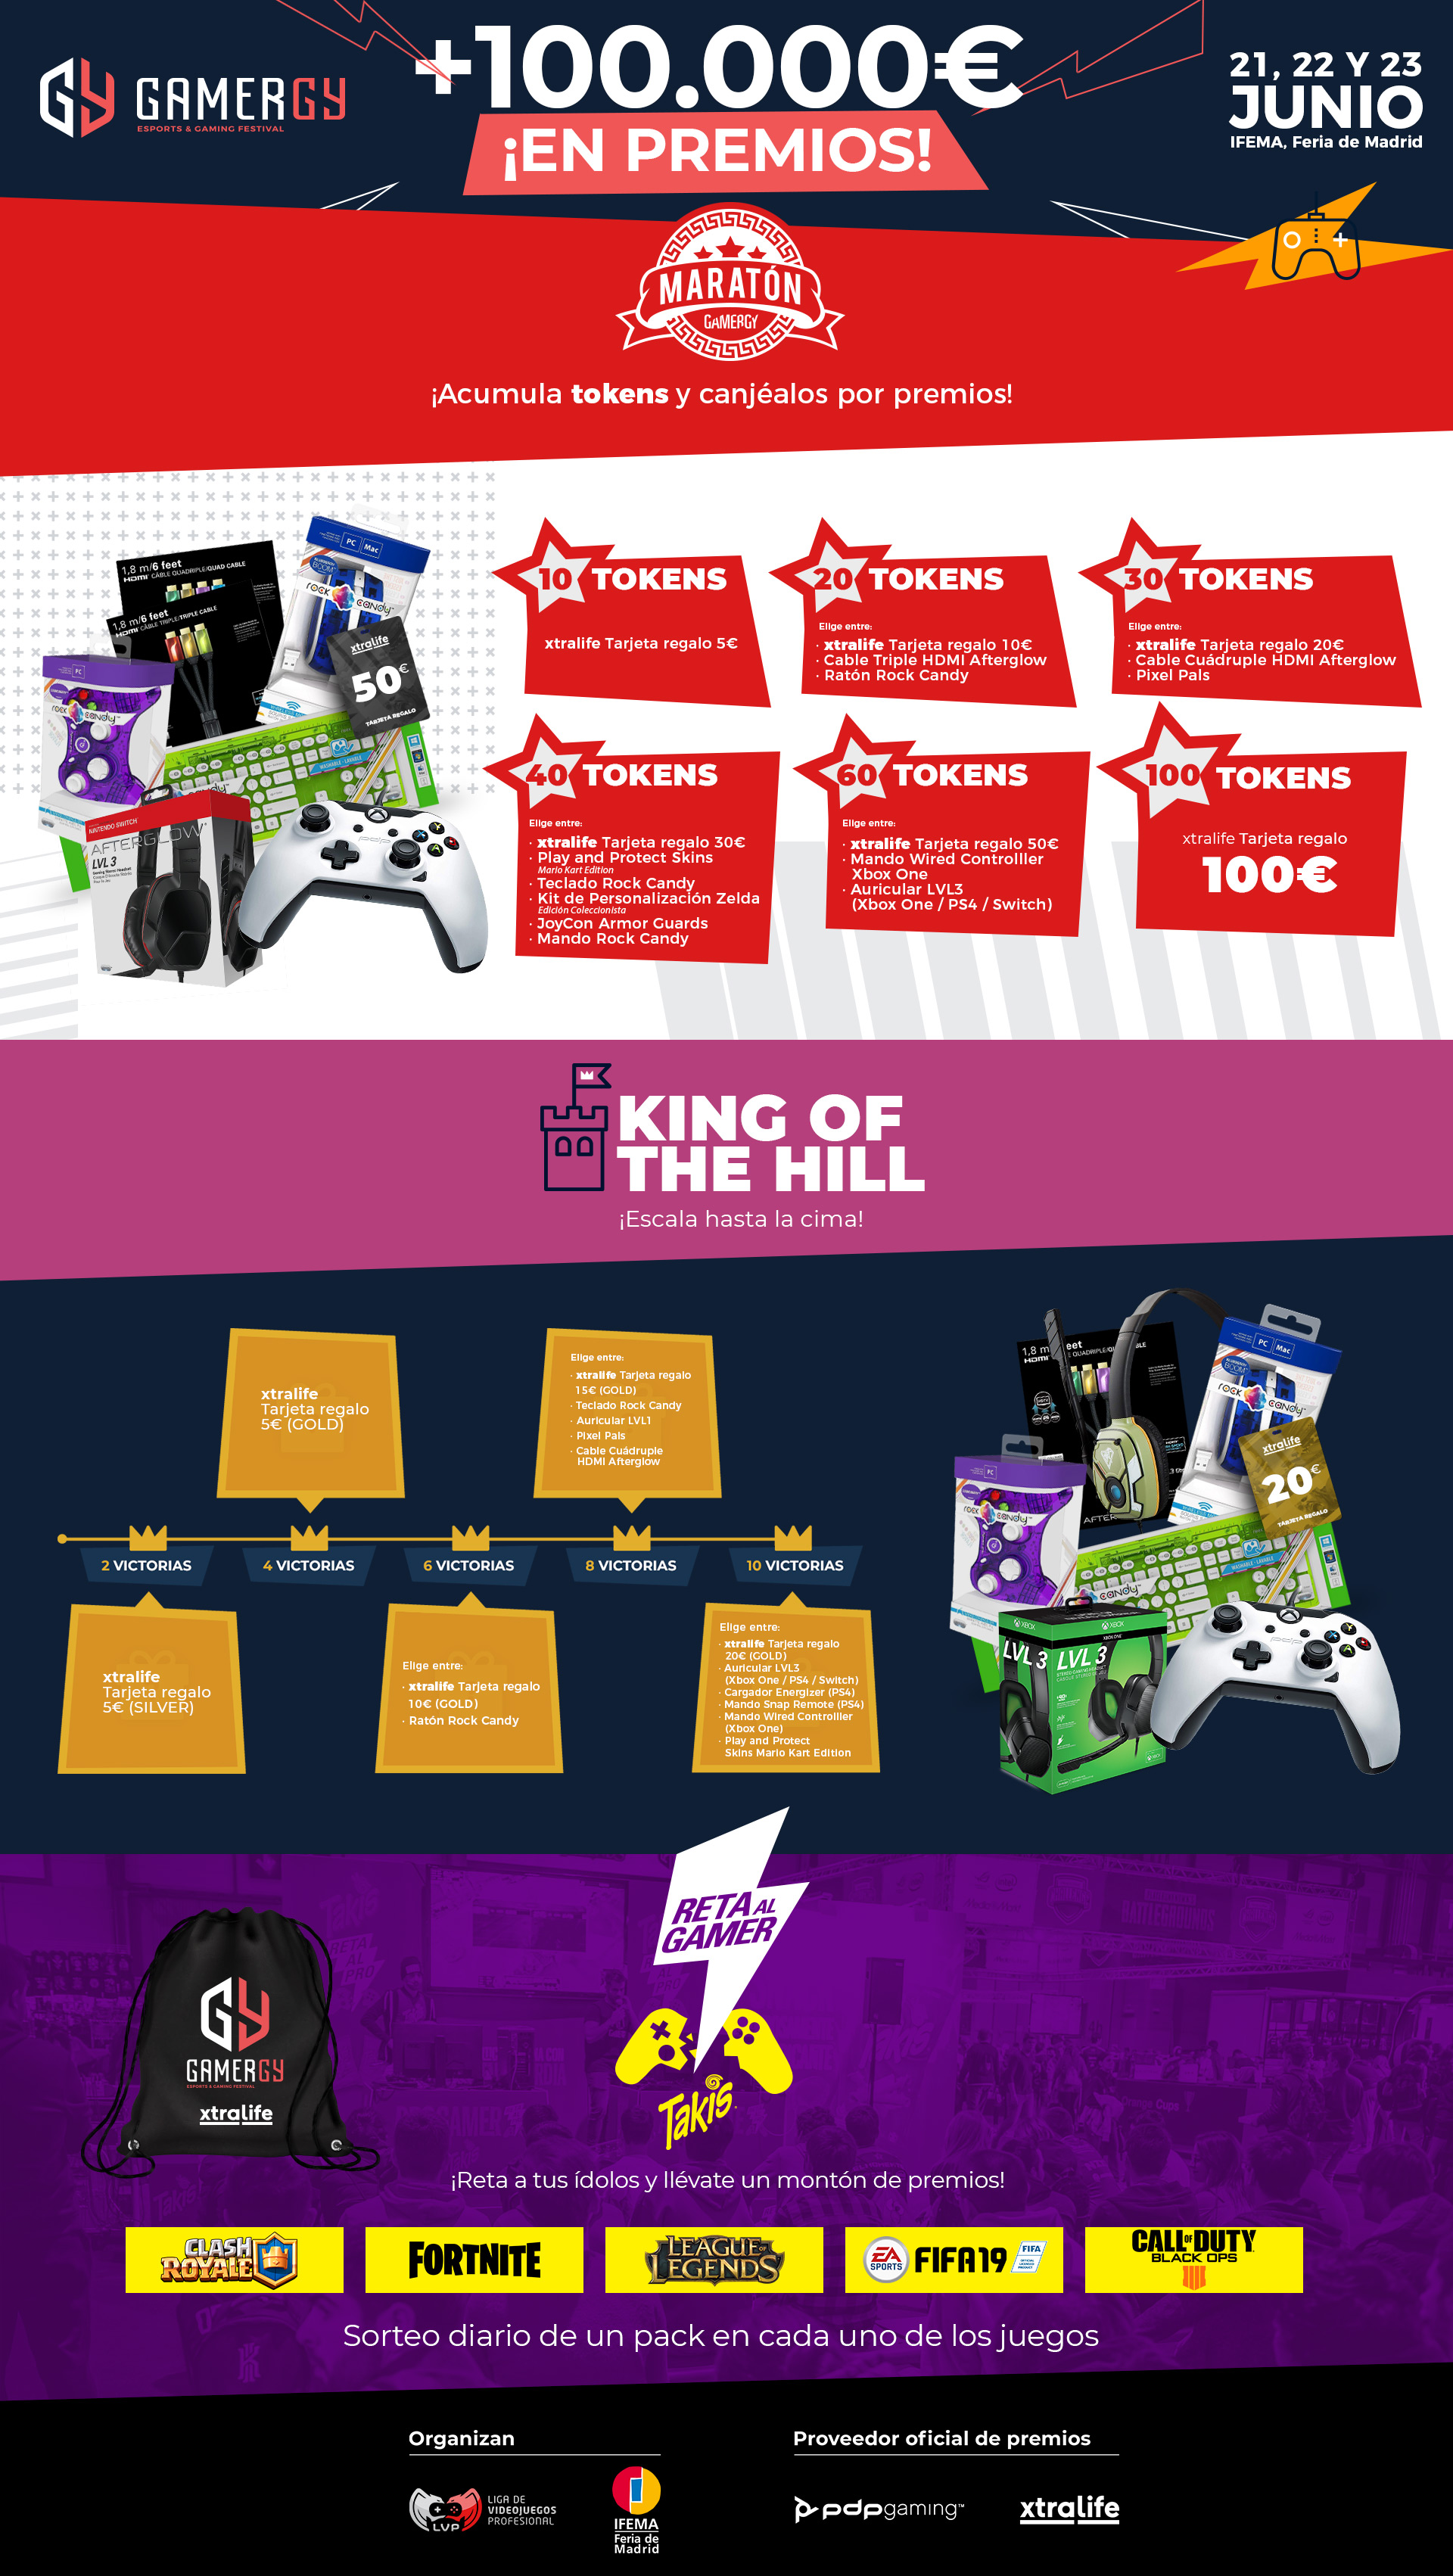 La décima edición de Gamergy repartirá más de 100.000 euros en premios - La décima edición de GAMERGY, (21-23 junio), el festival de e-sports más importante de España, que organizan IFEMA y LVP (Grupo MEDIAPRO), del 21 al 23 de junio próximos, en la Feria de Madrid, contará con la bolsa de premios más grande de su historia: más de 100.000 euros que se repartirán entre los torneos semi profesionales y las distintas actividades abiertas a todo el público.Una cifra histórica que triplica la de la anterior edición, en la que se repartieron cerca de 40.000 euros, y que se alcanza con motivo de la décima edición: Gamergy está de aniversario y eso se notará en la bolsa de premios. En ese sentido, el objetivo de la organización es que todos los asistentes tengan la posibilidad de marcharse a casa con algún premio en el bolsillo.La espectacular bolsa de premios de la décima edición hace referencia únicamente a las recompensas vinculadas a los torneos semiprofesionales, donde se repartirán cerca de 30.000 euros, y a las actividades de juego, como el nuevo King of the Hill o el Maratón, que contarán con una cifra que supera los 70.000 euros en premios gracias a la aportación de marcas como PDP y Xtralife, que se suman como partners oficiales del festival.Del montante total de premios quedan excluidos los que se reparten en las competiciones profesionales como el Gamergy Masters de Brawl Stars, que en su primera edición otorgará más de 15.000 euros a los cuatro equipos finalistas.El premio Gordo de la décima edición estará en el Maratón, una de las actividades clásicas de Gamergy. El jugador que acumule más estrellas -puntos- a lo largo del fin de semana se llevará un pack gaming de ensueño, en una actividad que volverá a ser el principal reclamo para todos los asistentes que quieran, además de pasar un rato divertido, marcharse a casa con alguna recompensa. El Maratón contará con una bolsa de premios cercana a 50.000 euros.A falta de un mes y medio para Gamergy (21-23 junio), 